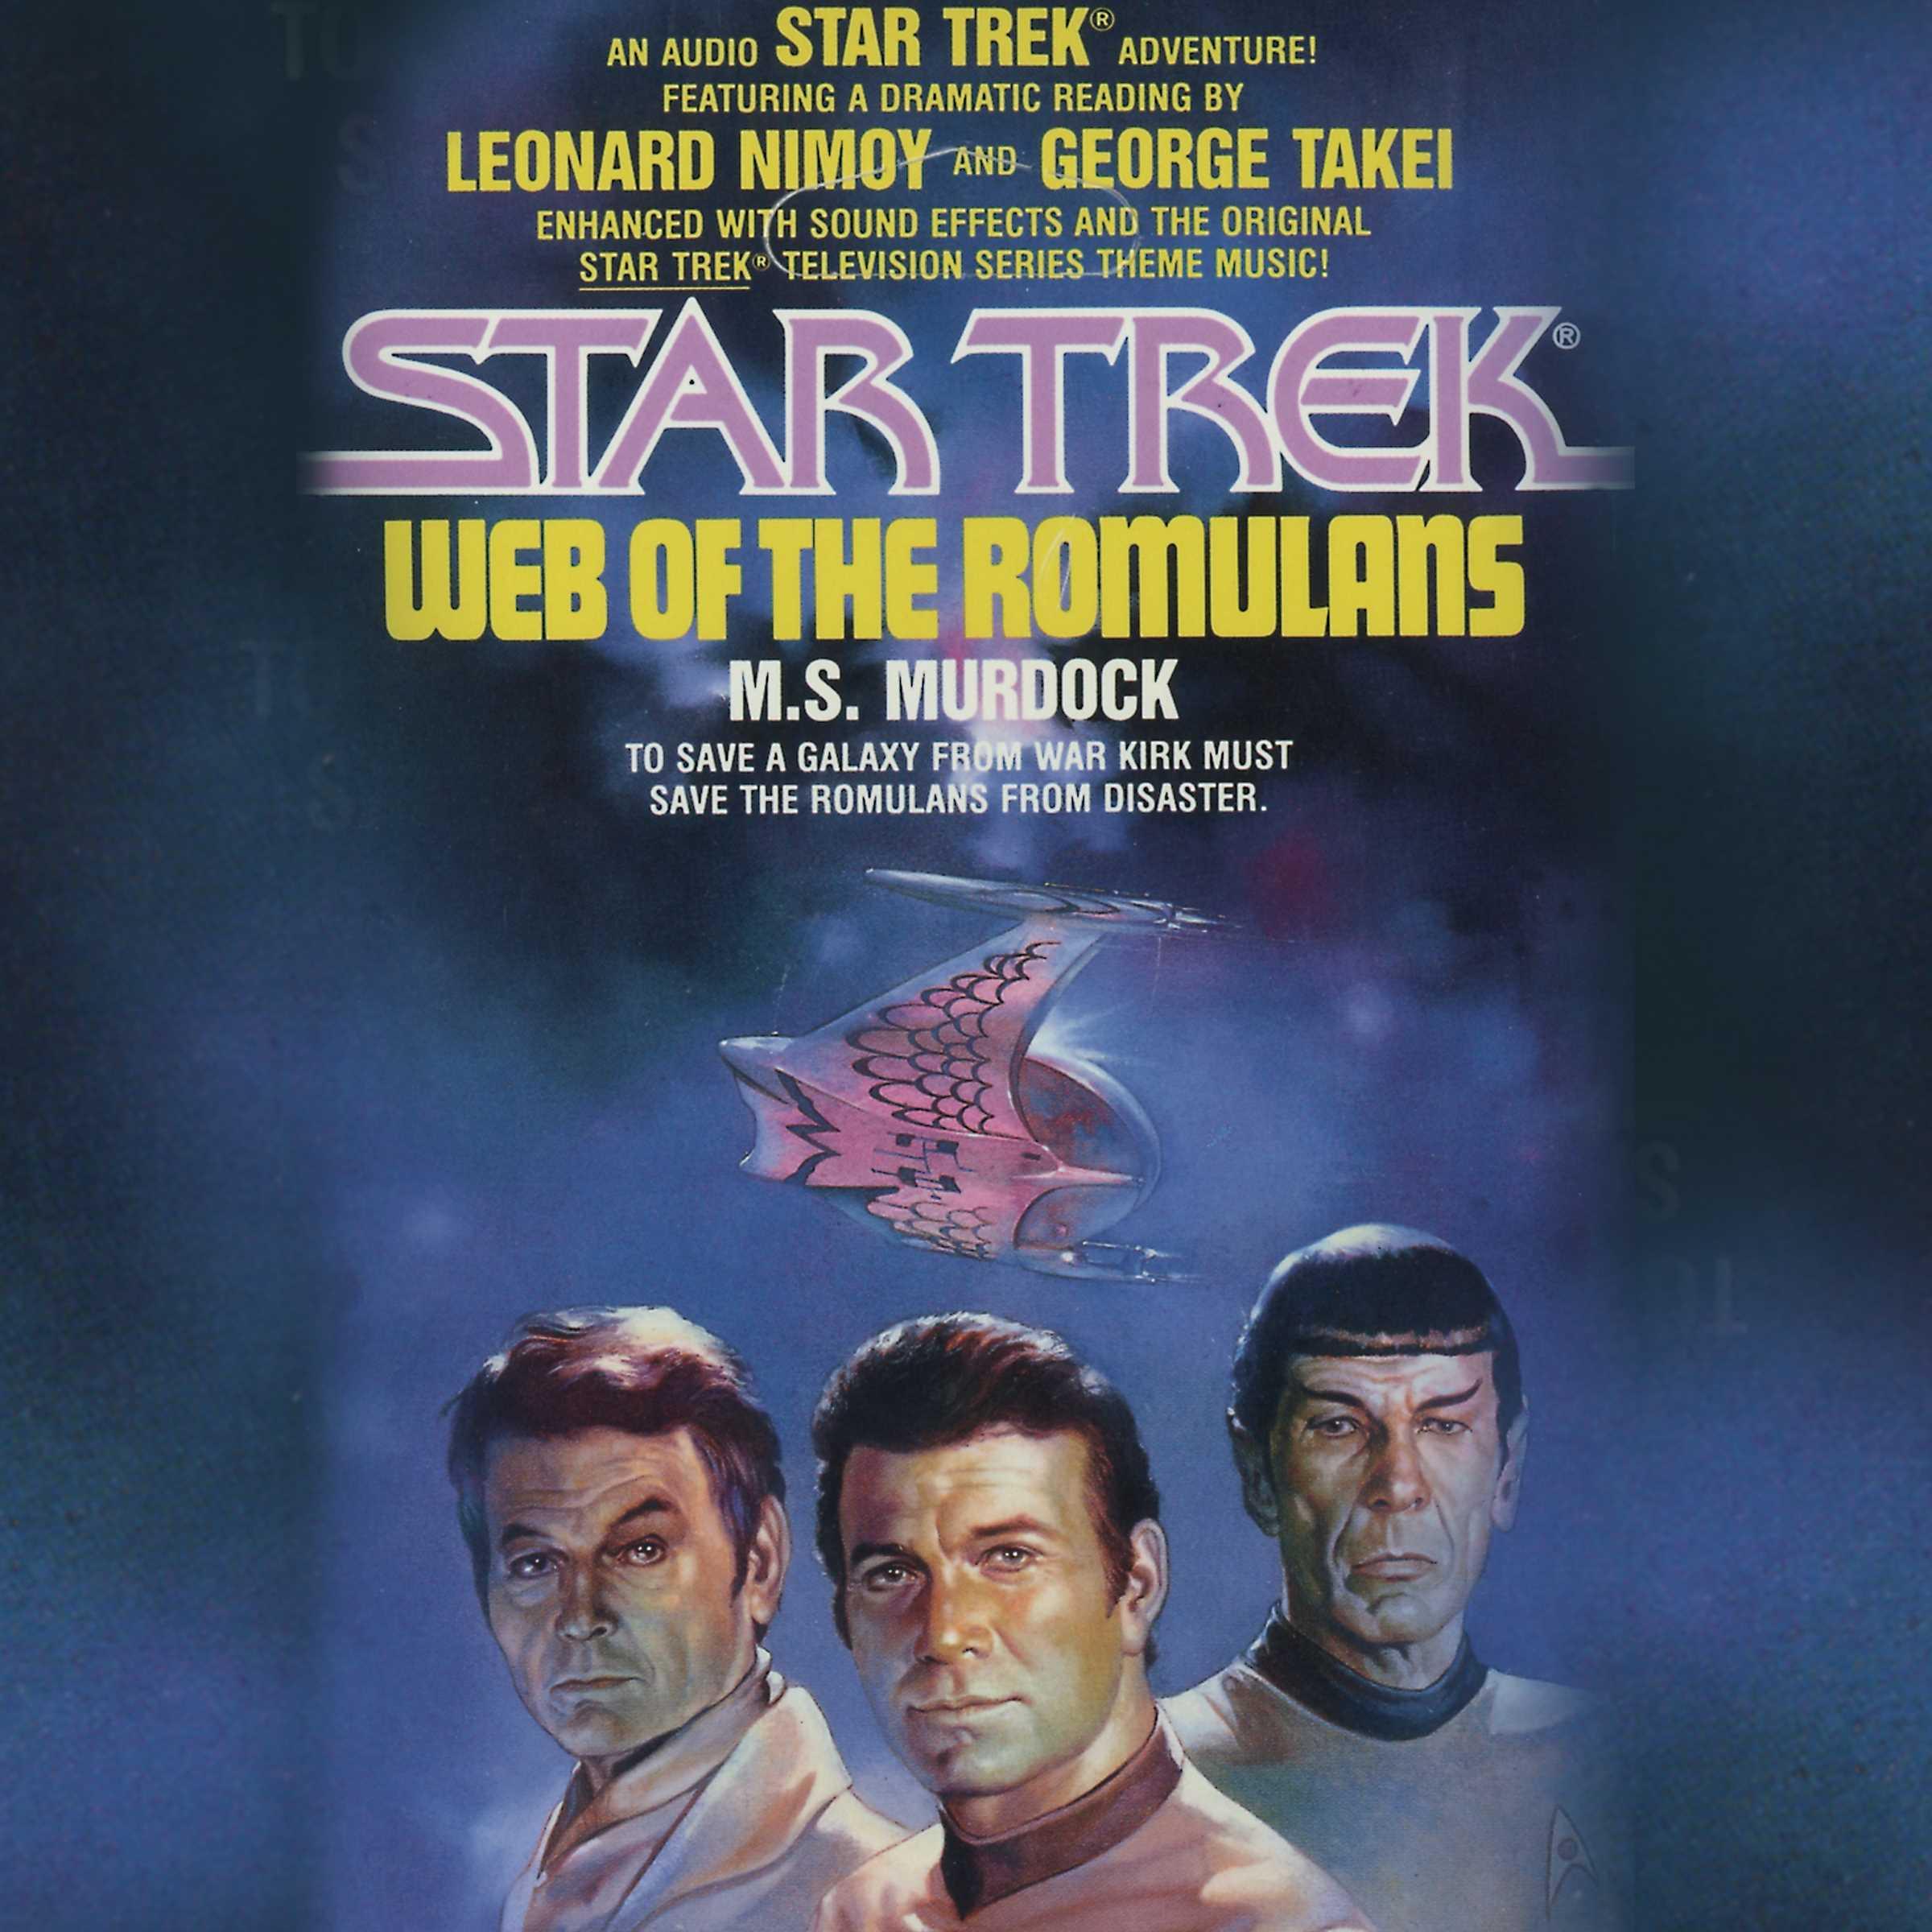 Star trek web of the romulans 9780743545402 hr